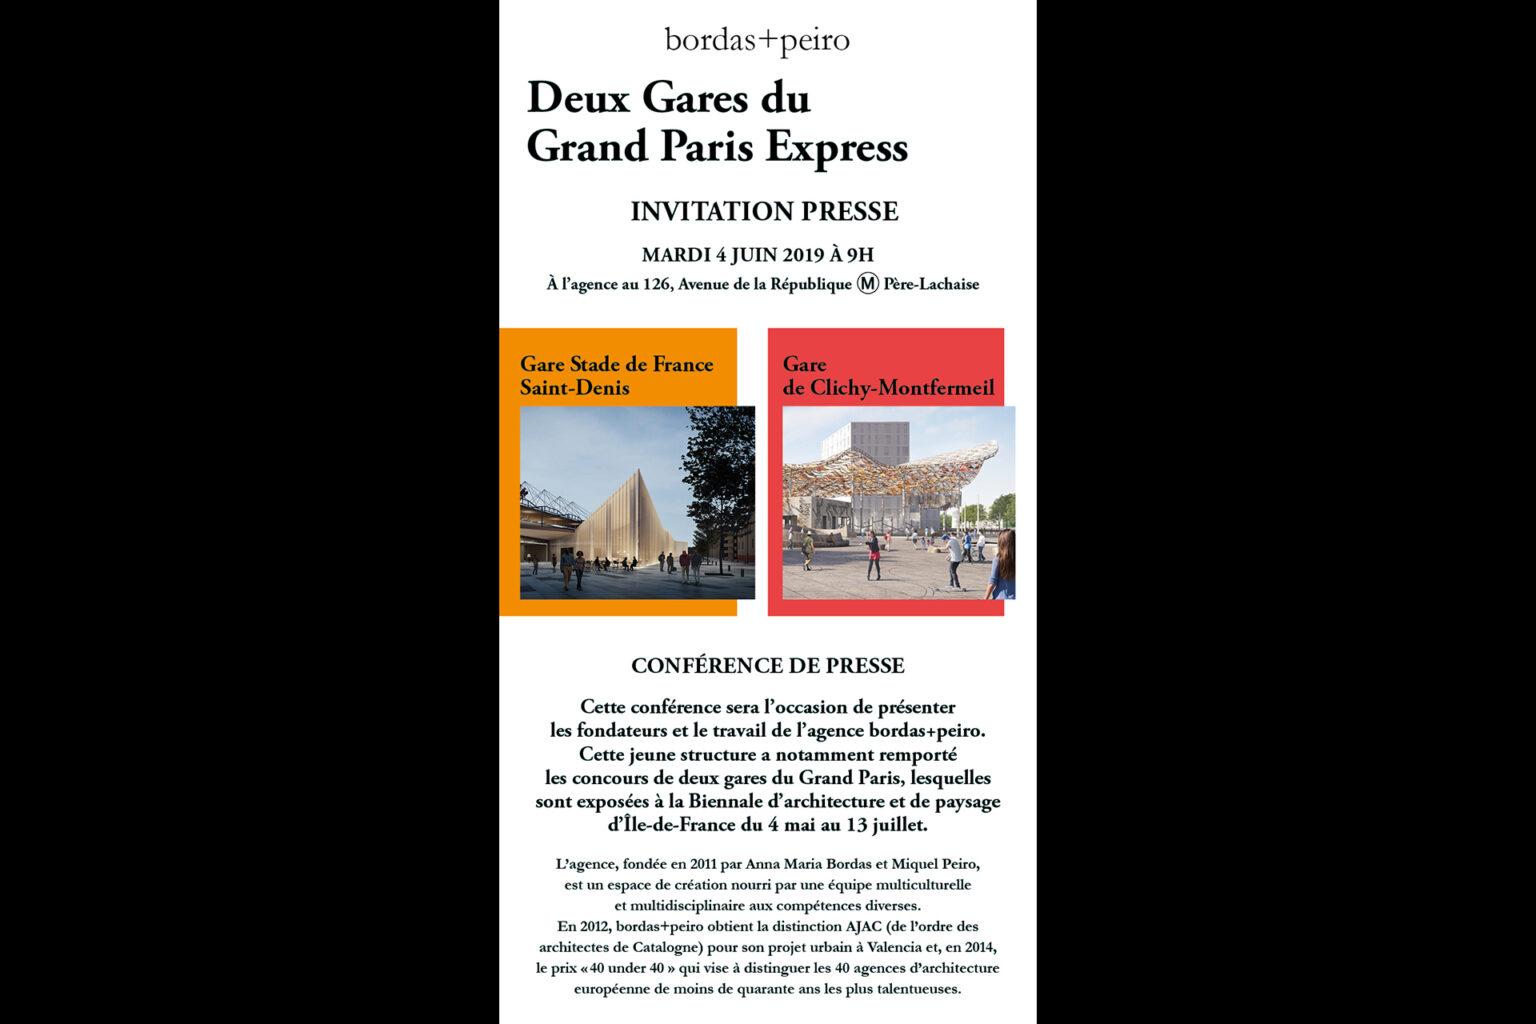 Invitation Conférence de presse bordas+peiro